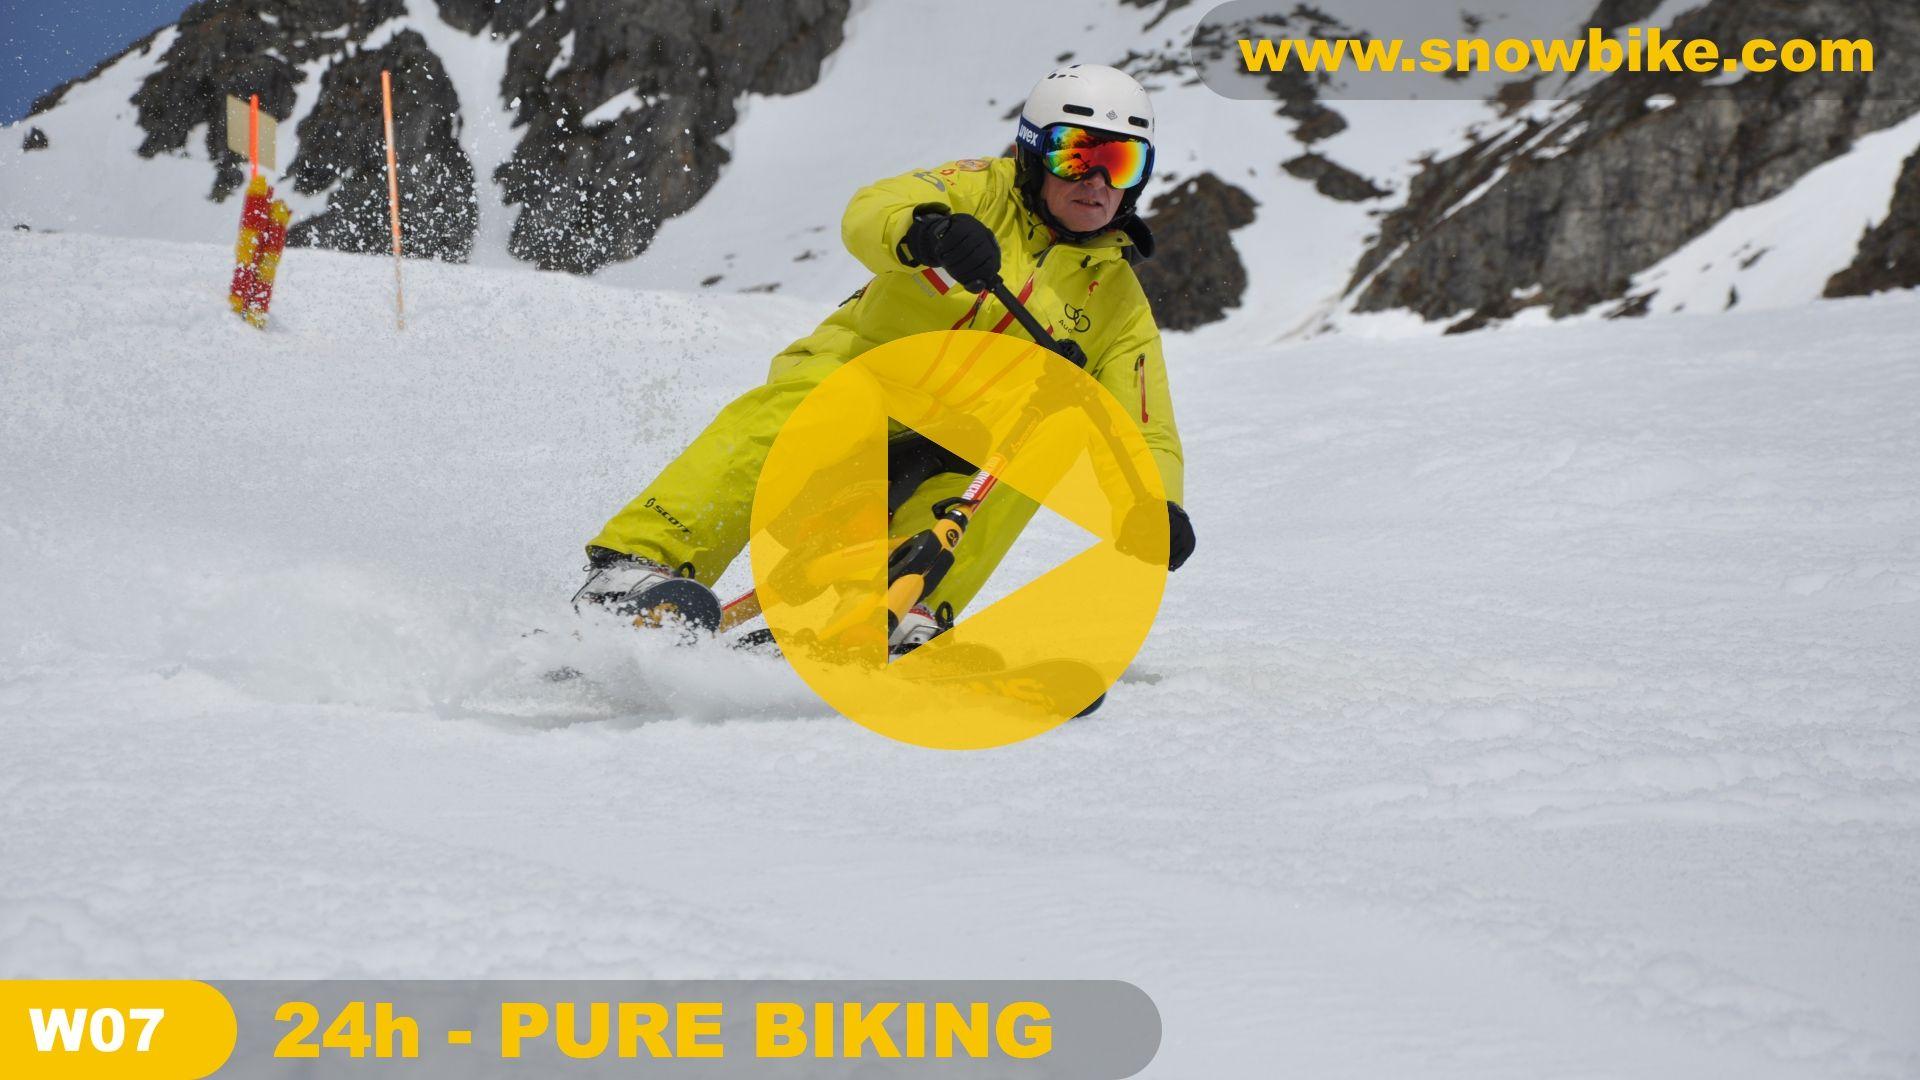 brenter-snowbike-world-rekord-24h-cover684A8A64-DDF9-0405-660D-BC9139966DC8.jpg